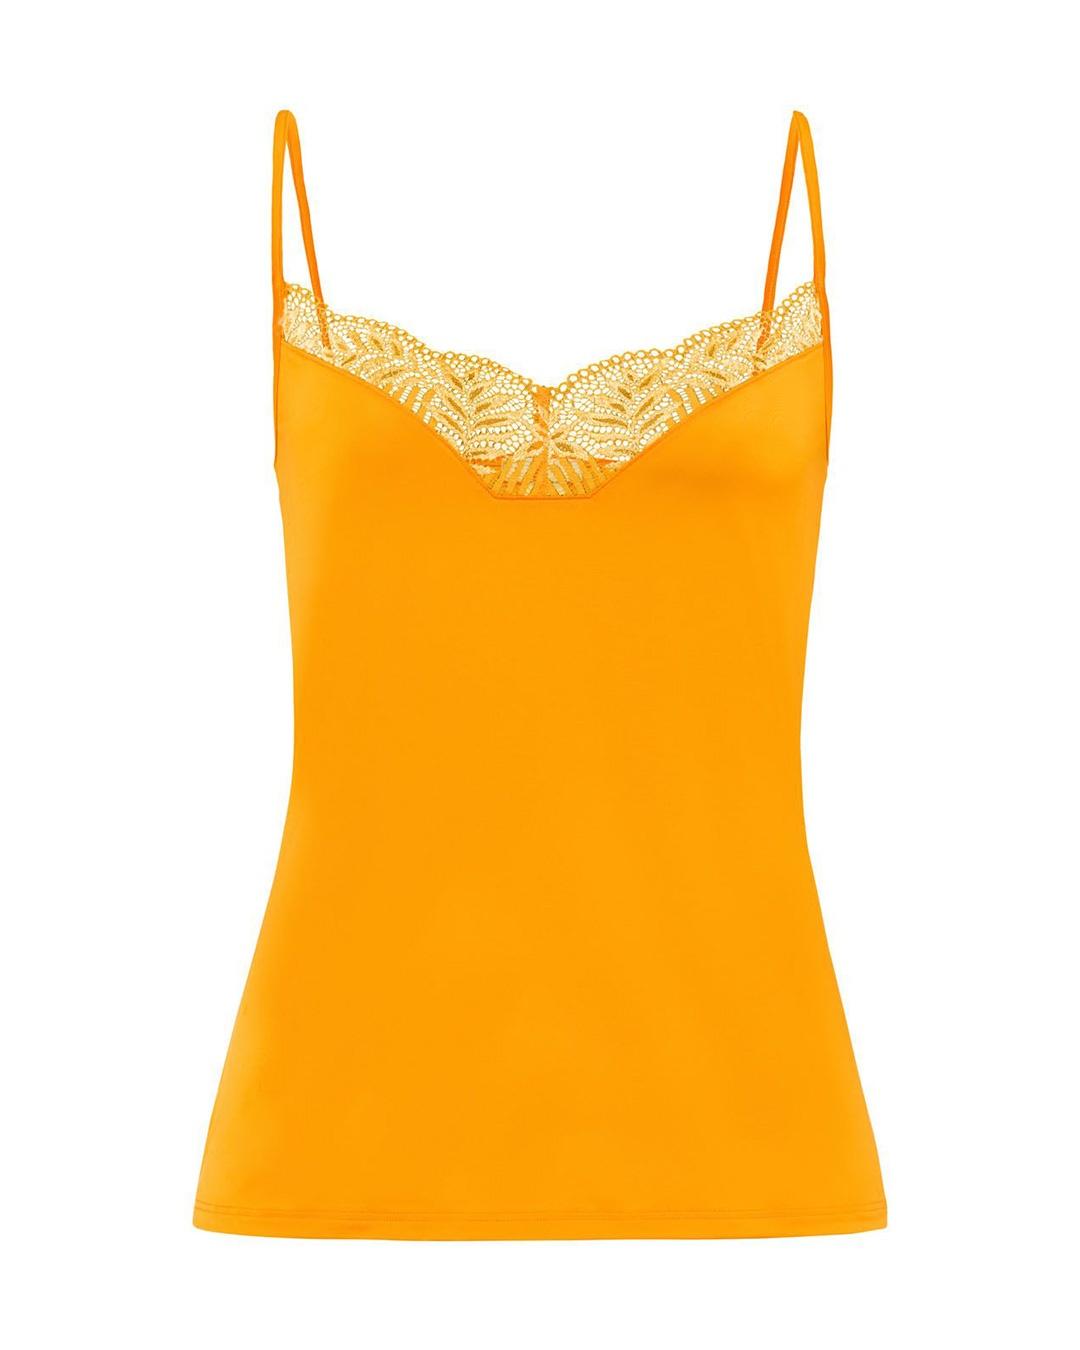 hanro-irini-spaghetti-top-sunny-2933-ps-dianes-lingerie-vancouver-1080x1350